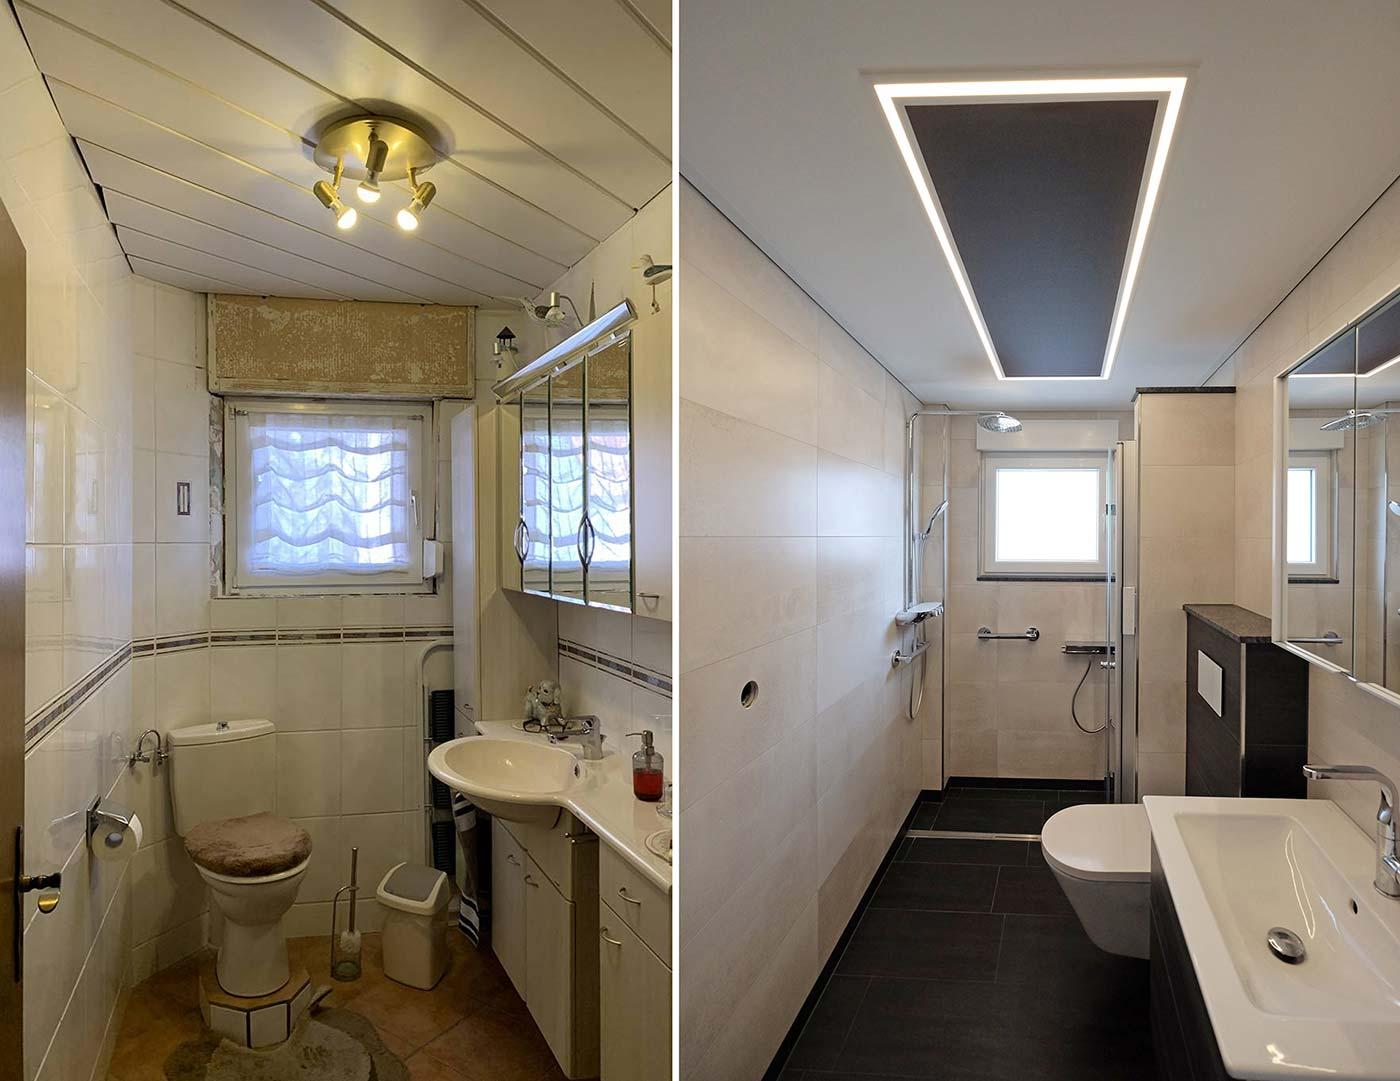 Imposant: der Vorher-Nachher-Vergleich der Badrenovierung zeigt die enorme Veränderung, die das Badezimmer genommen hat. Die PLAMECO-Decke samt LED-Lichtkanal ist das i-Tüpfelchen und sorgt für tolles und weiches Licht im Bad.